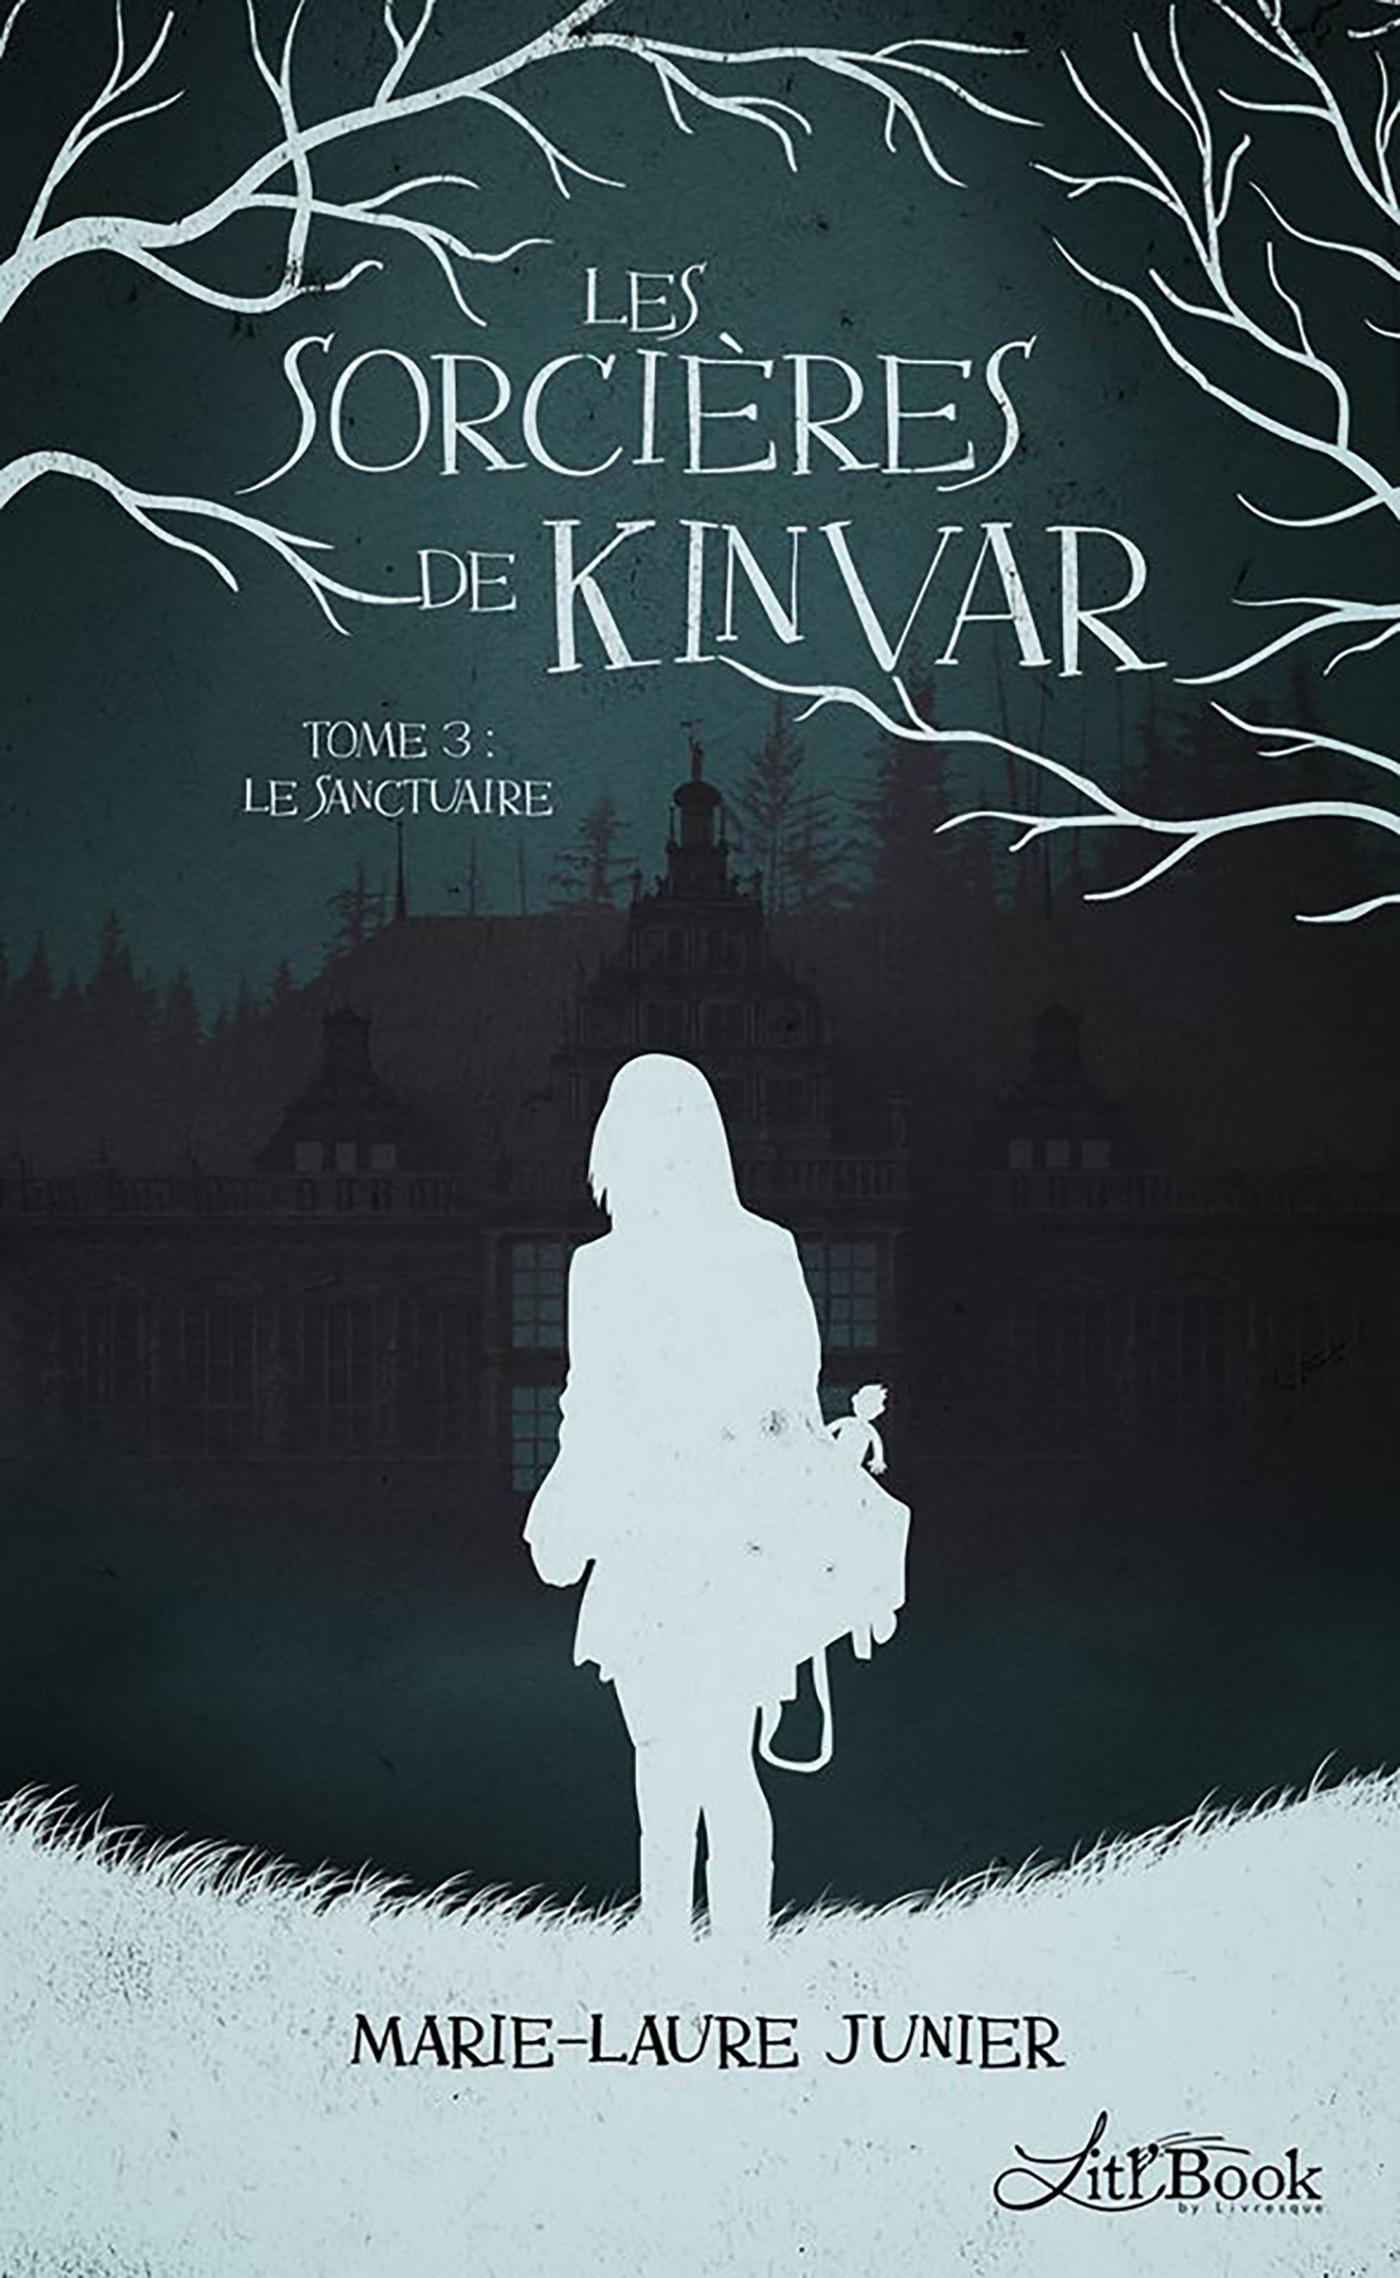 Les sorcieres de kinvar, tome 3 - le sanctuaire